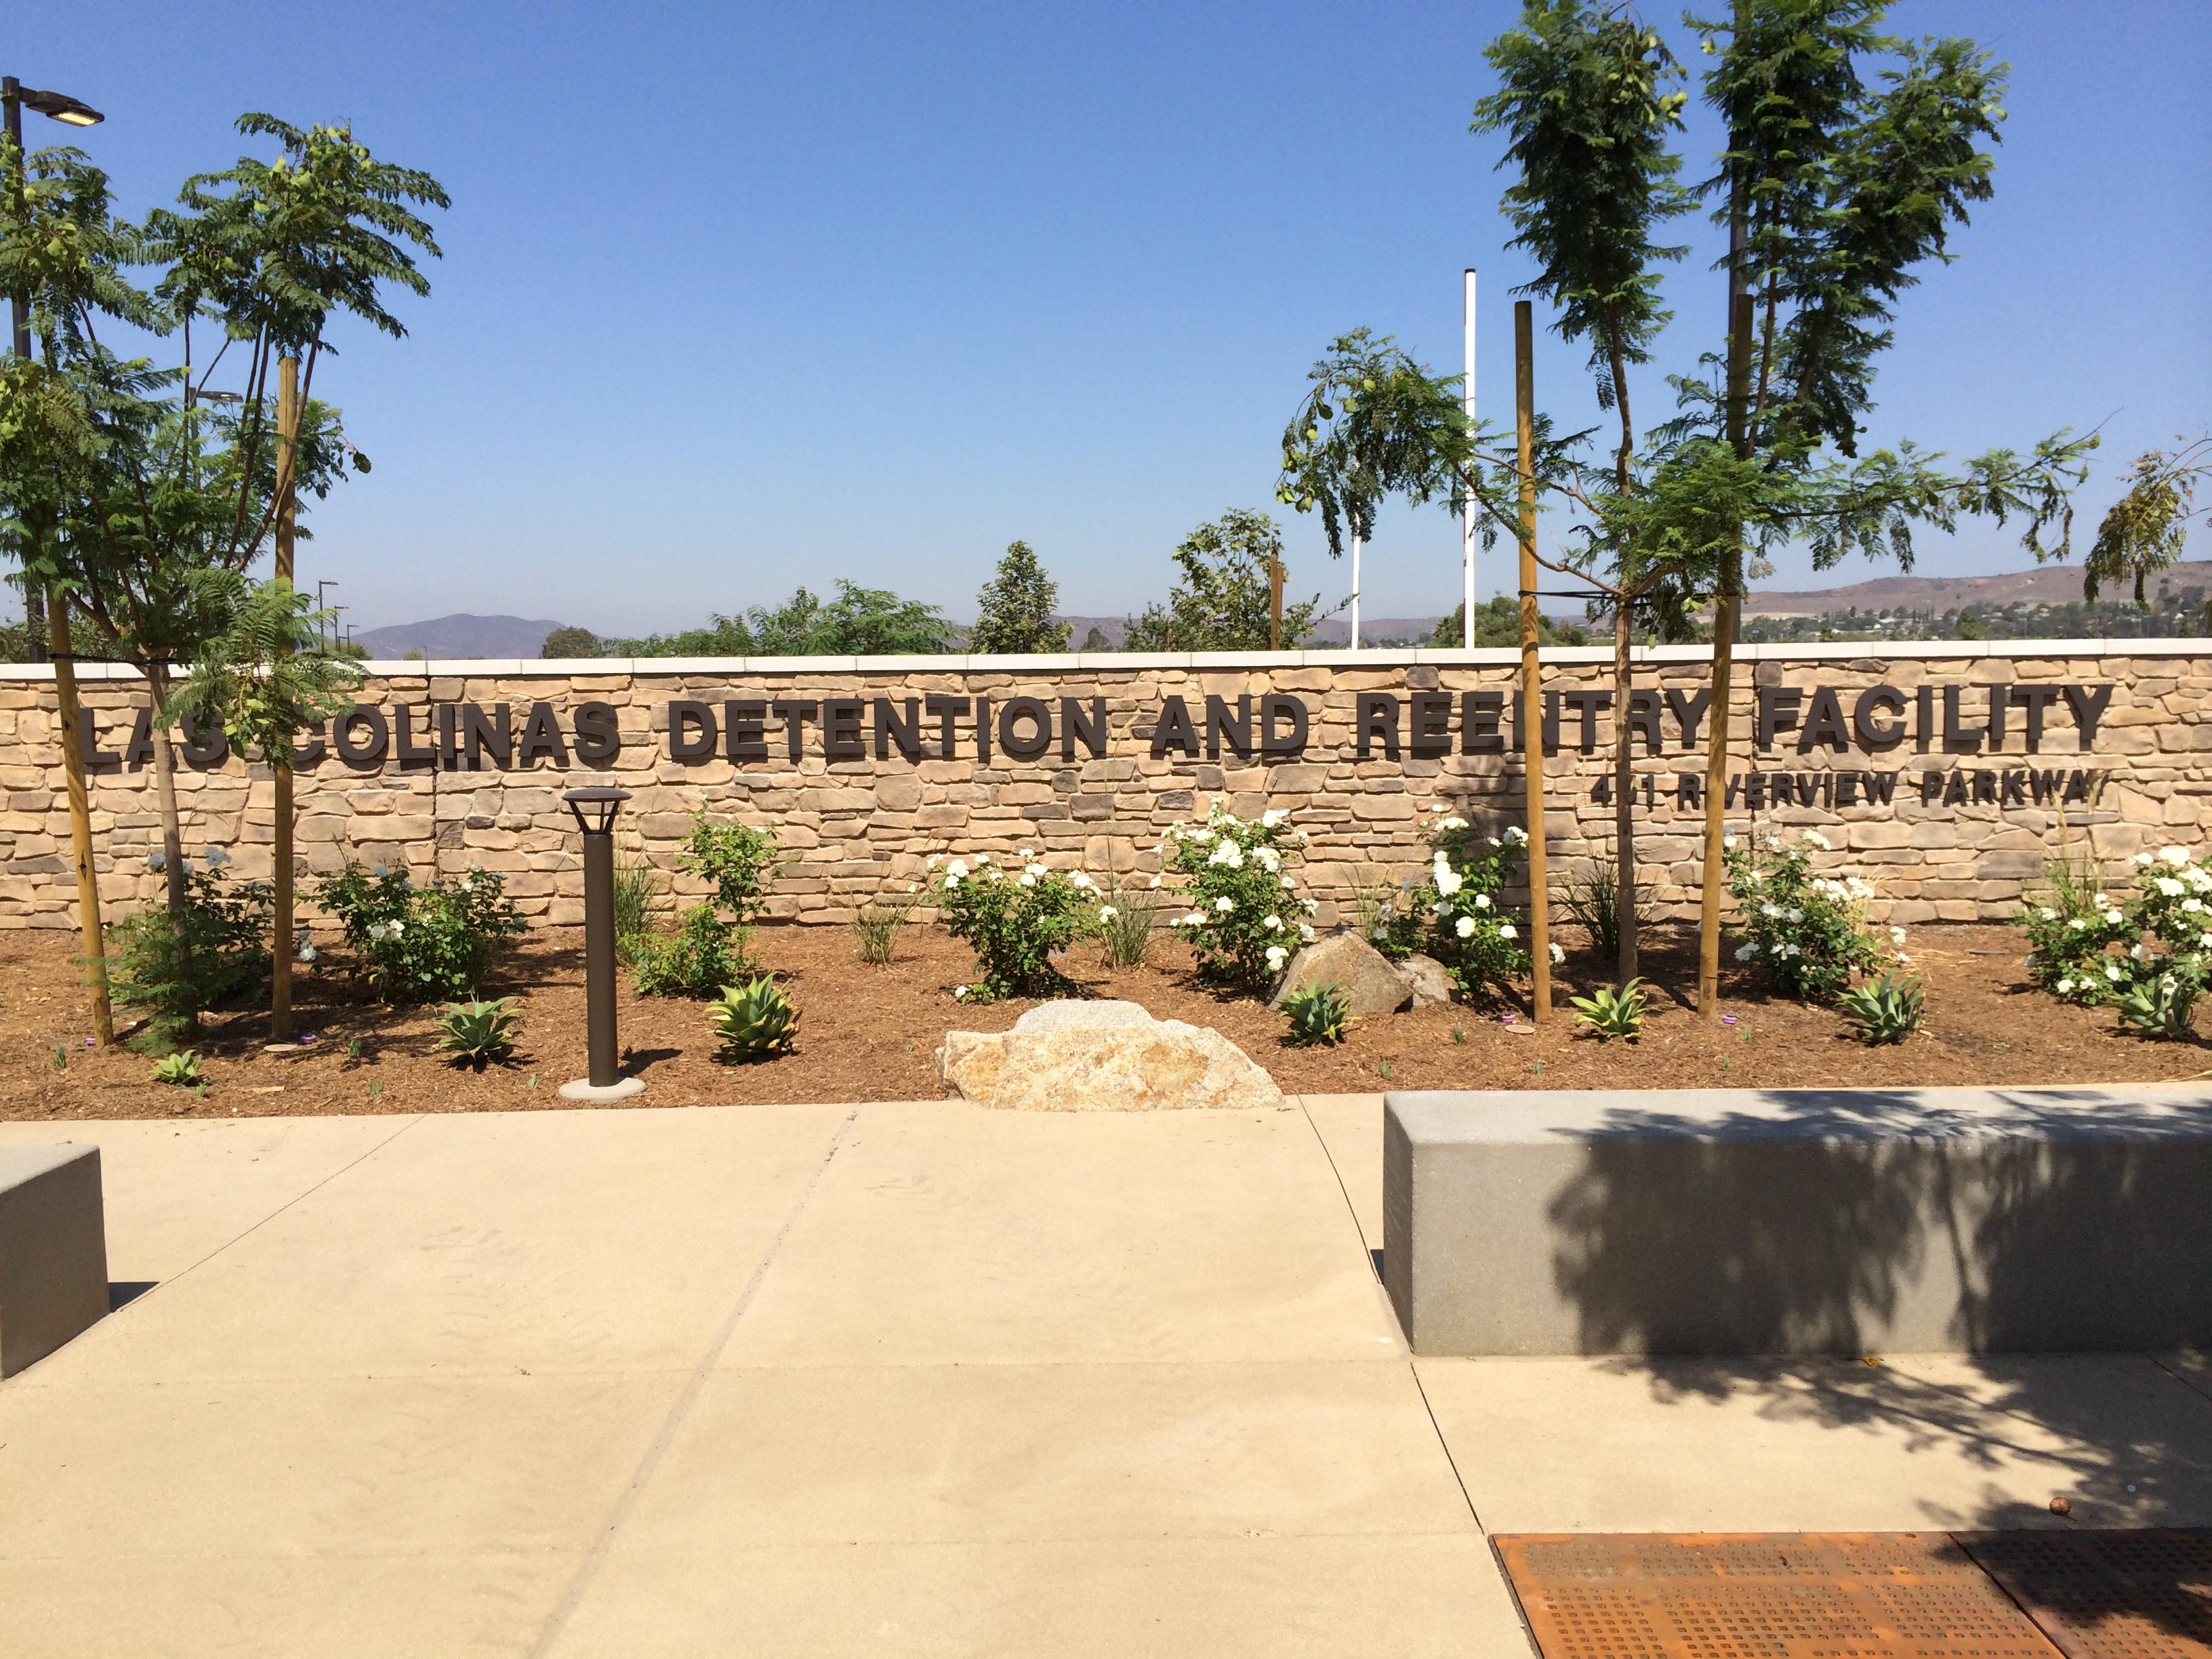 Las Colinas Jail | BAIL BOND WOMAN